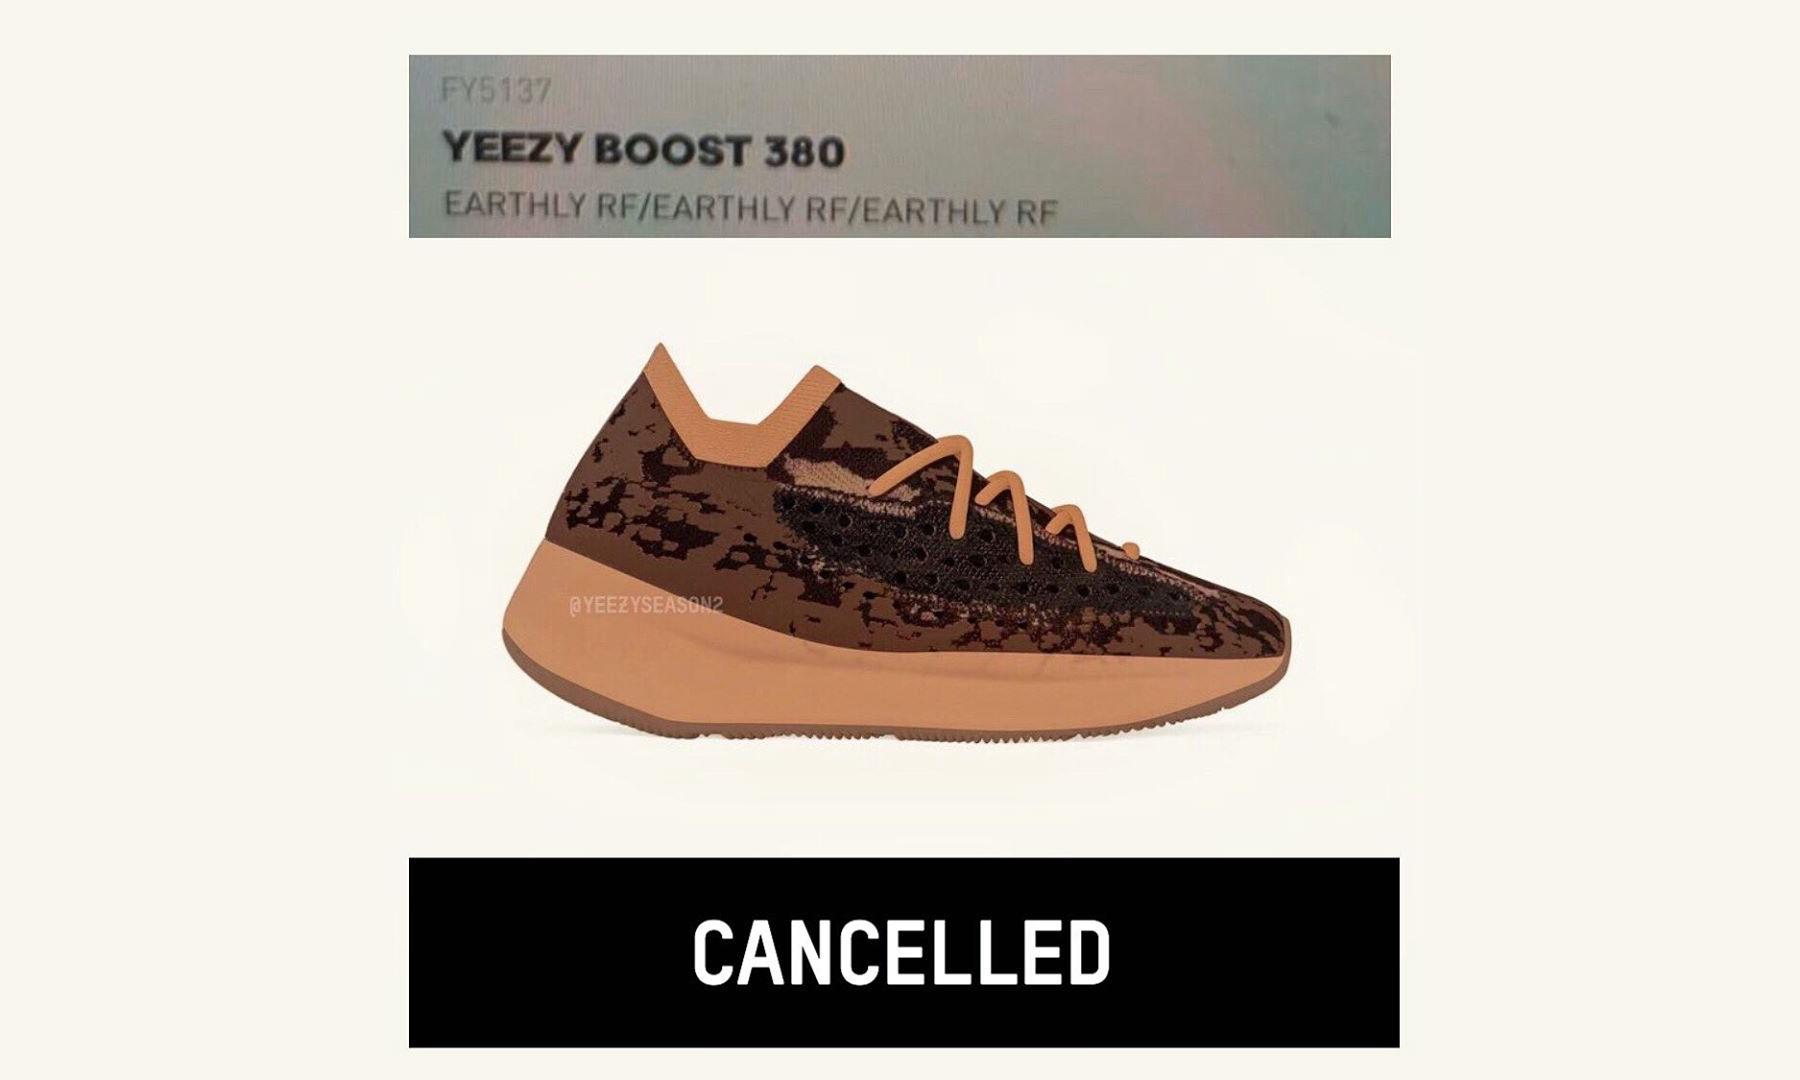 「跳票」预警,Yeezy Boost 380「Earthly」夏季发售取消